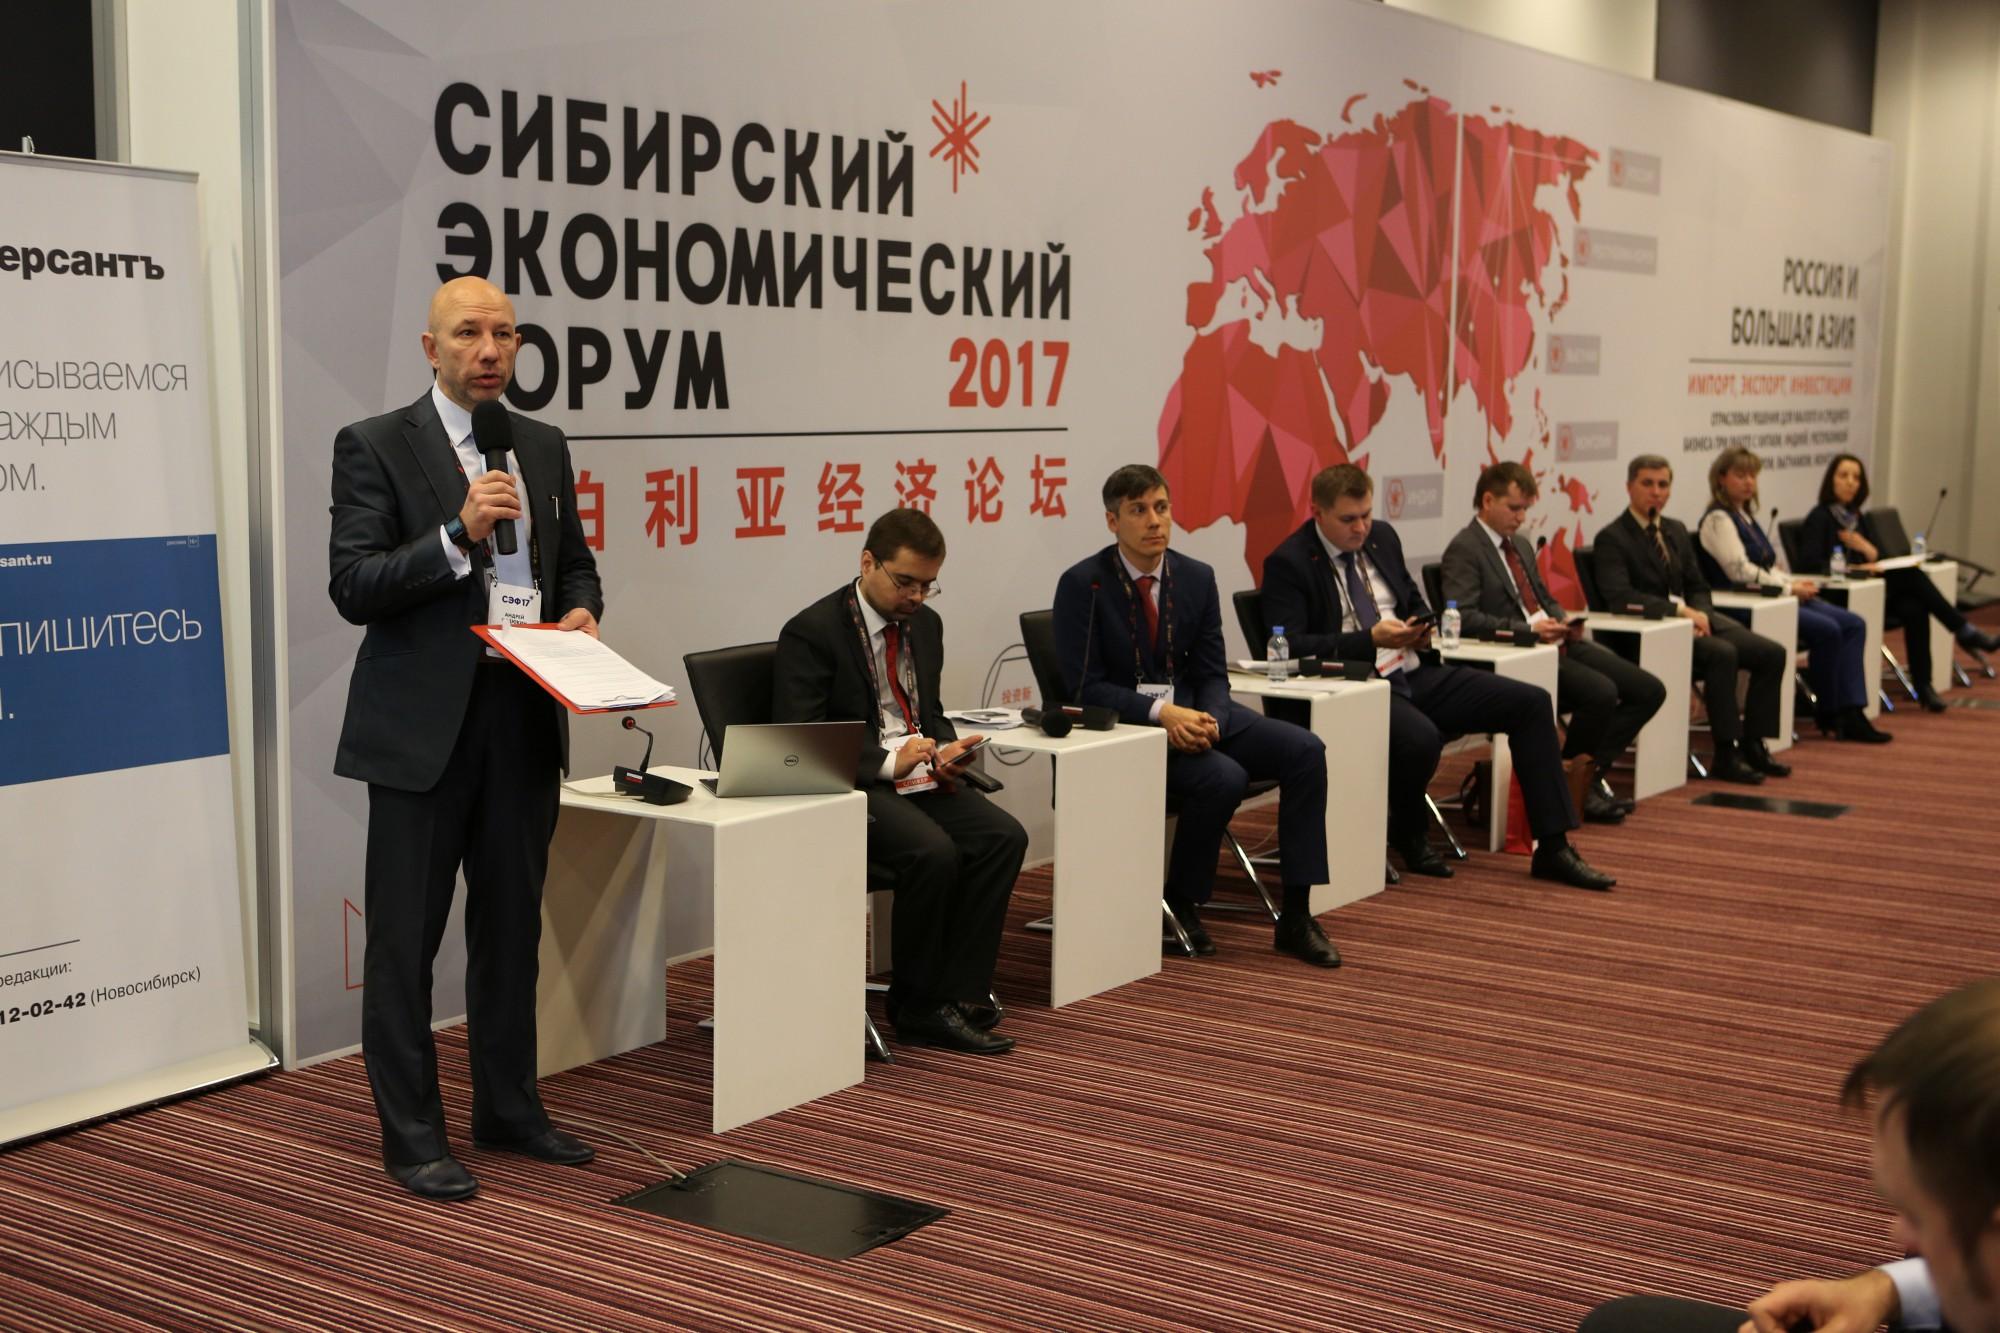 Получат ли федеральную поддержку экспортеры Новосибирской области